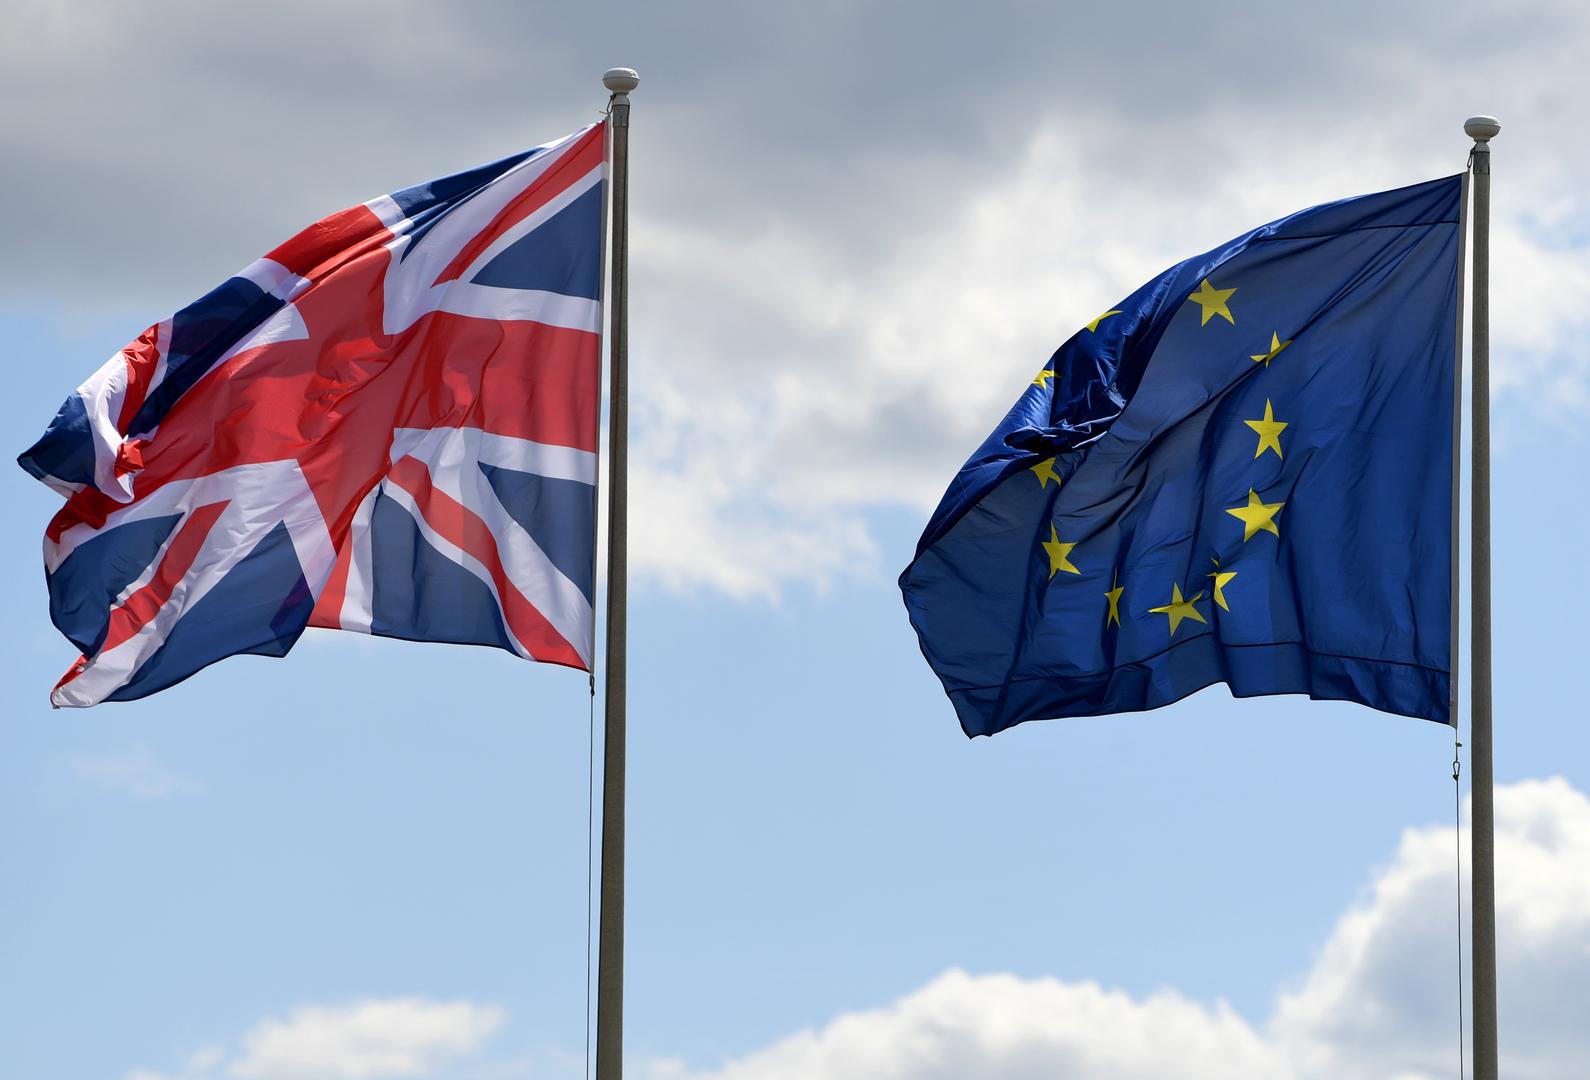 الاتحاد الأوروبي وبريطانيا يفرضان عقوبات على روسيا بسبب هجمات سيبرانية